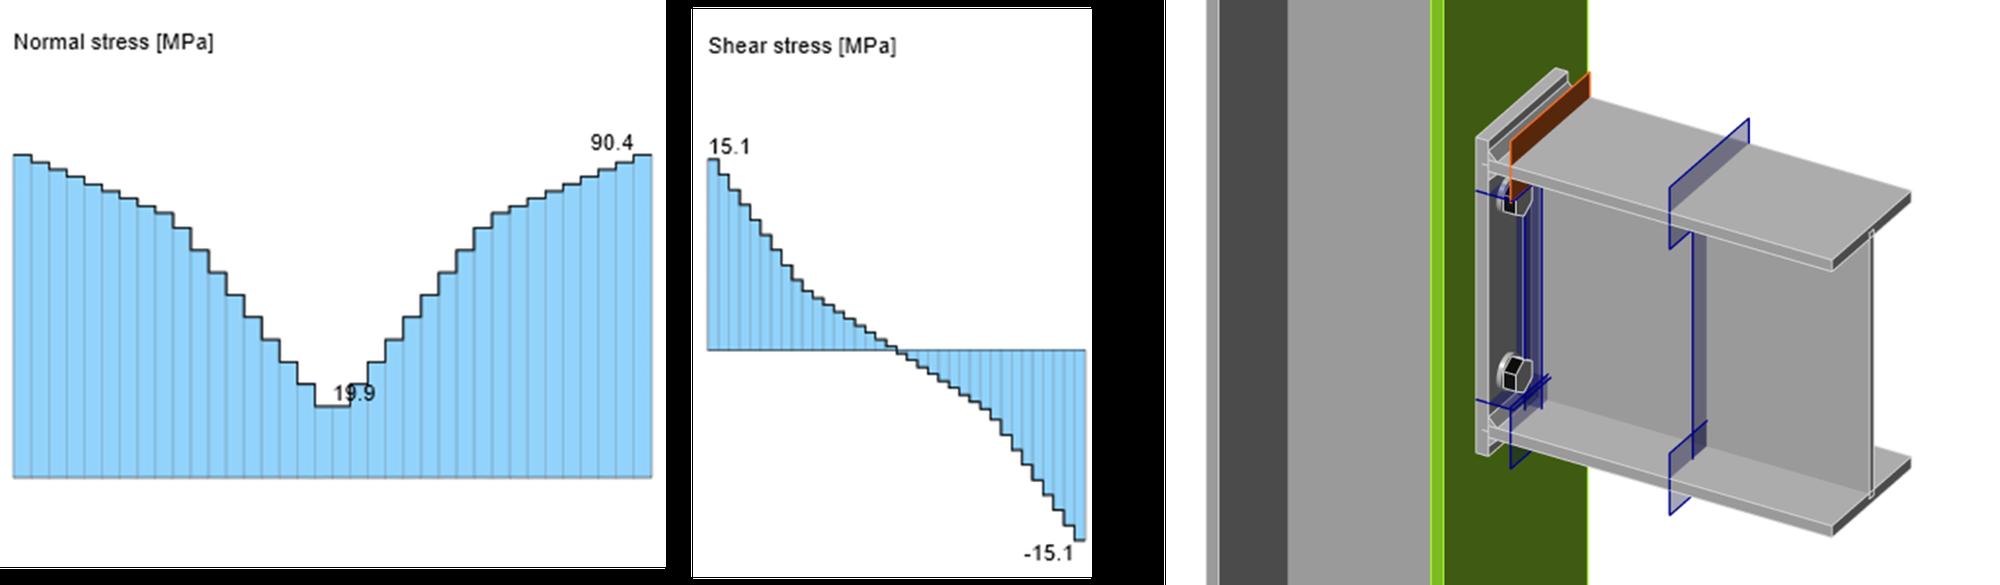 IDEA StatiCa - Fatigue Analysis